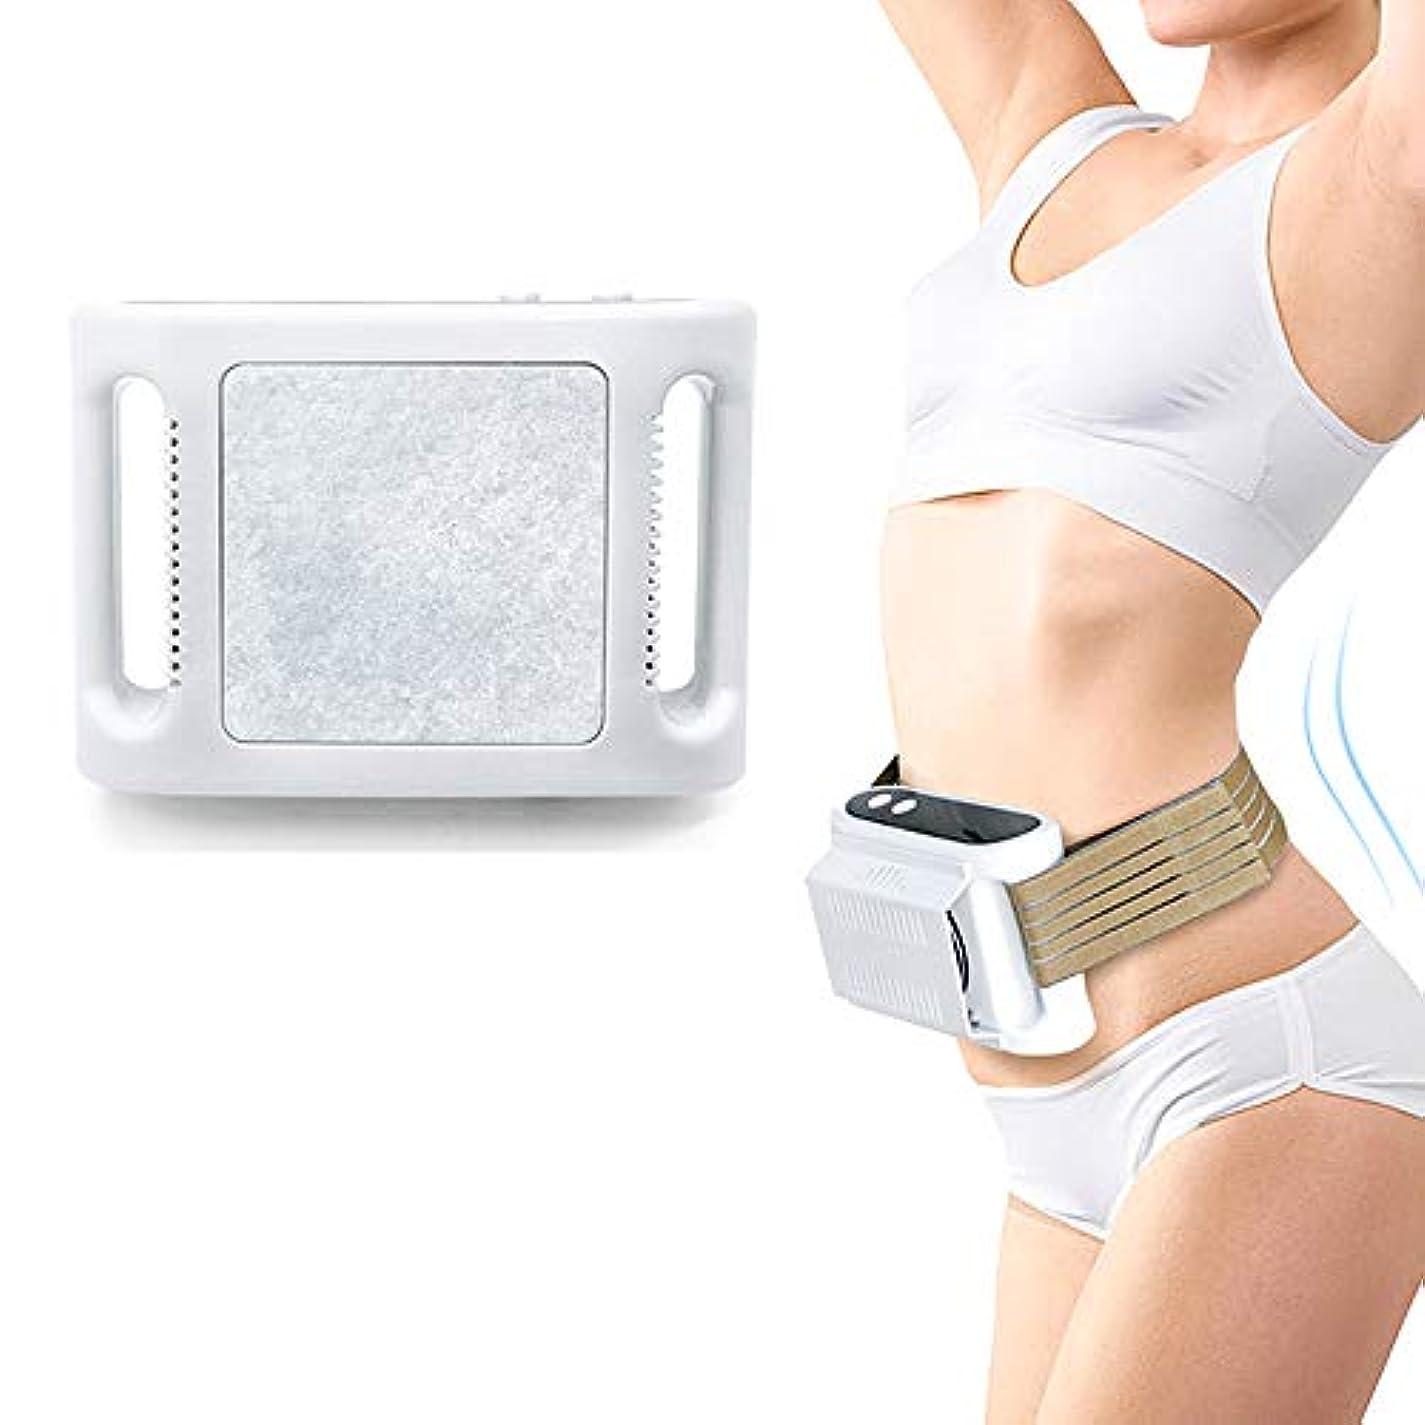 売上高粘り強い証明する凍結脂肪除去器具腰トレーナー減量多機能ボディ整形マッサージ女性男性のための美容機器